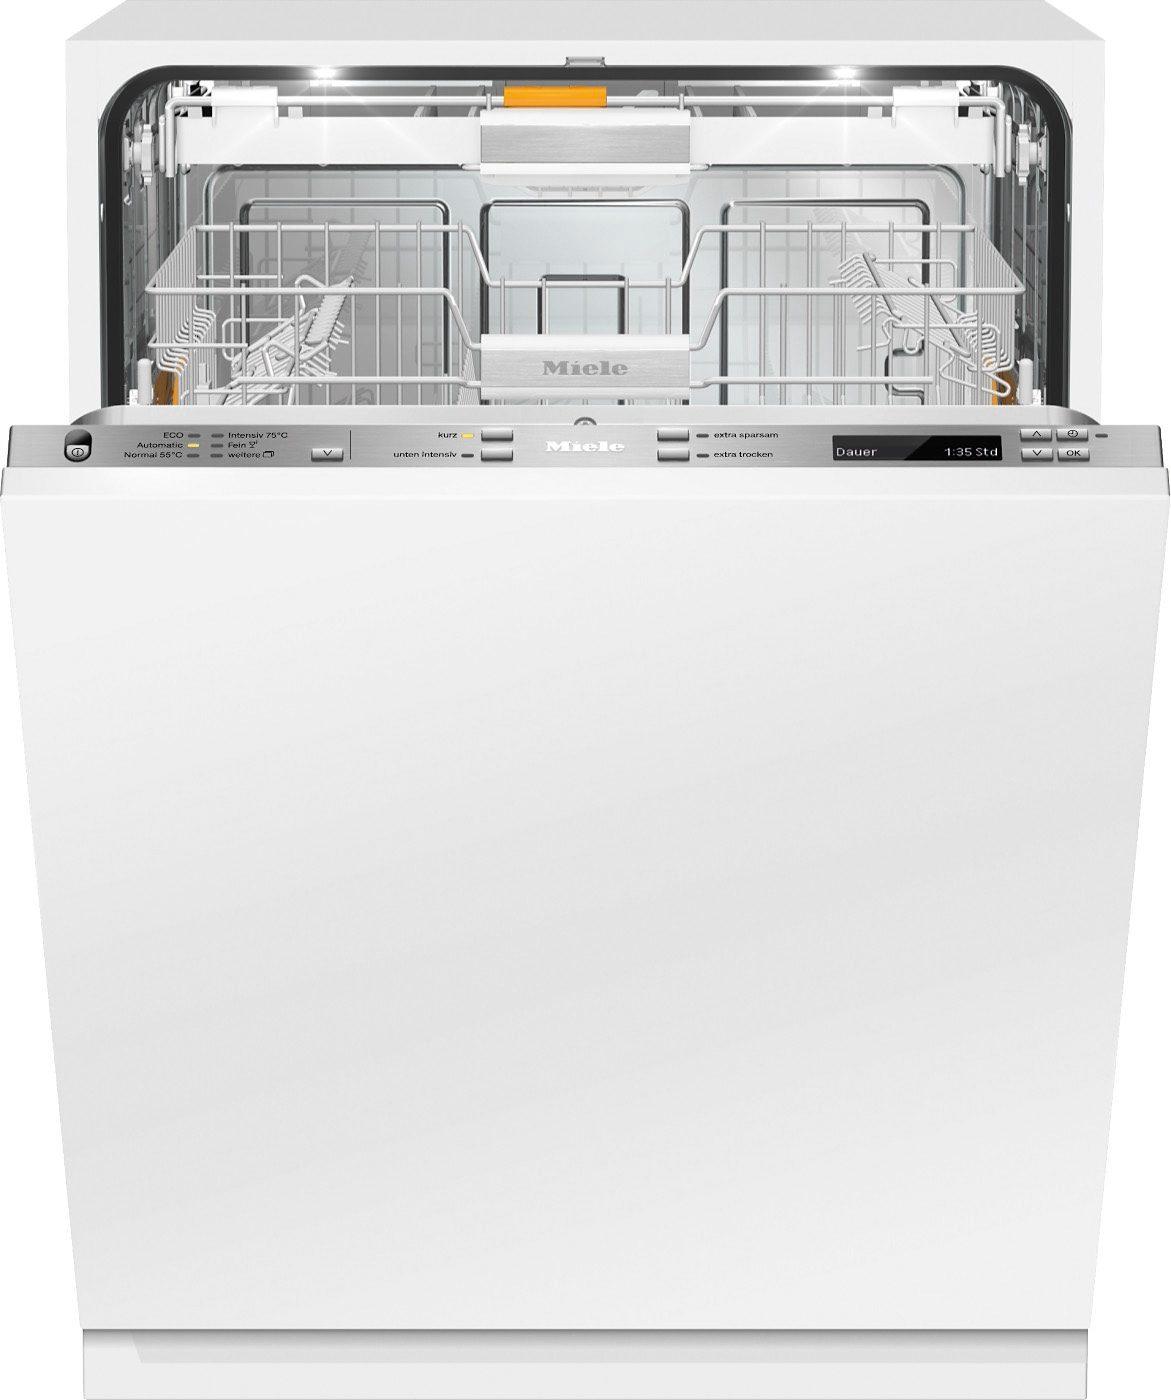 Miele vollintegrierbarer Einbau-Geschirrspüler G 6577 SCVi XXL, A+++, 9,7 Liter, 14 Maßgedecke